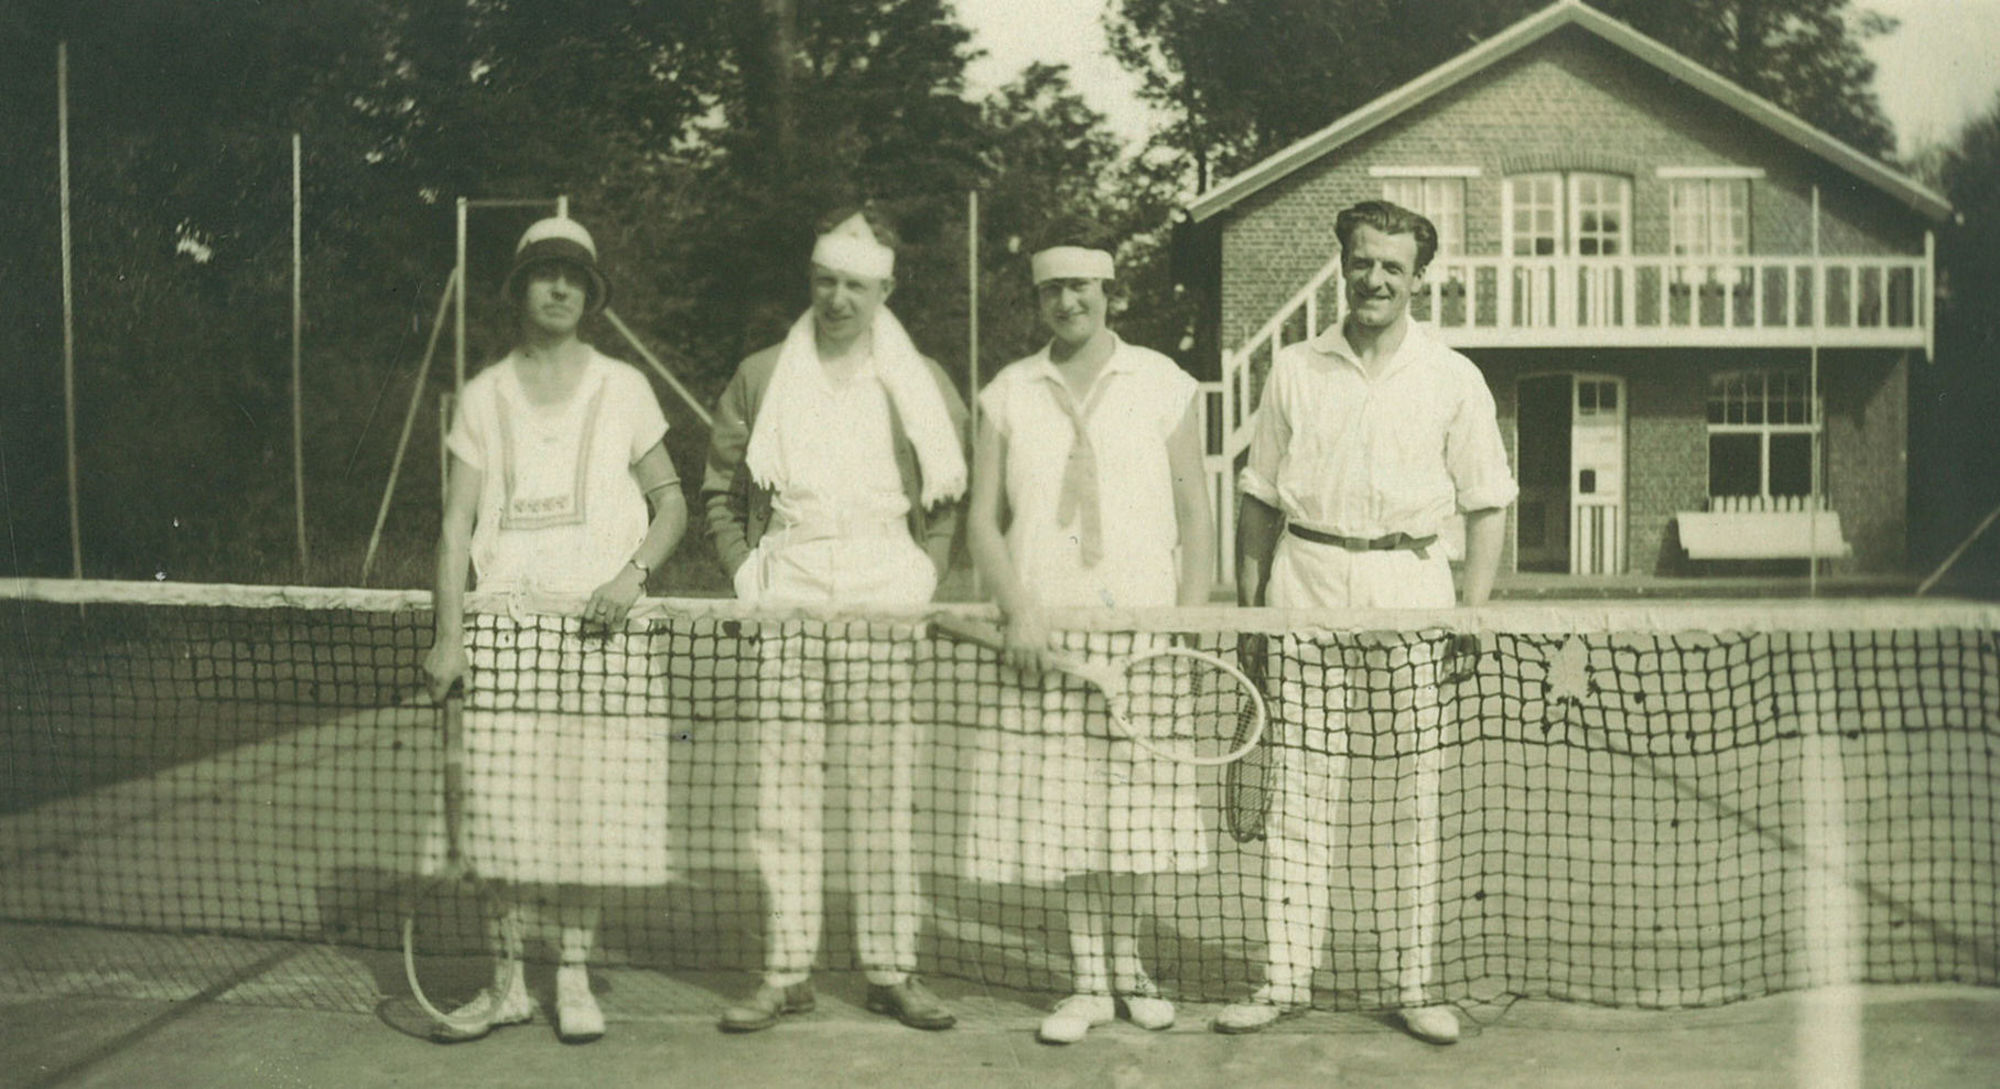 Tennisclub Excelsior